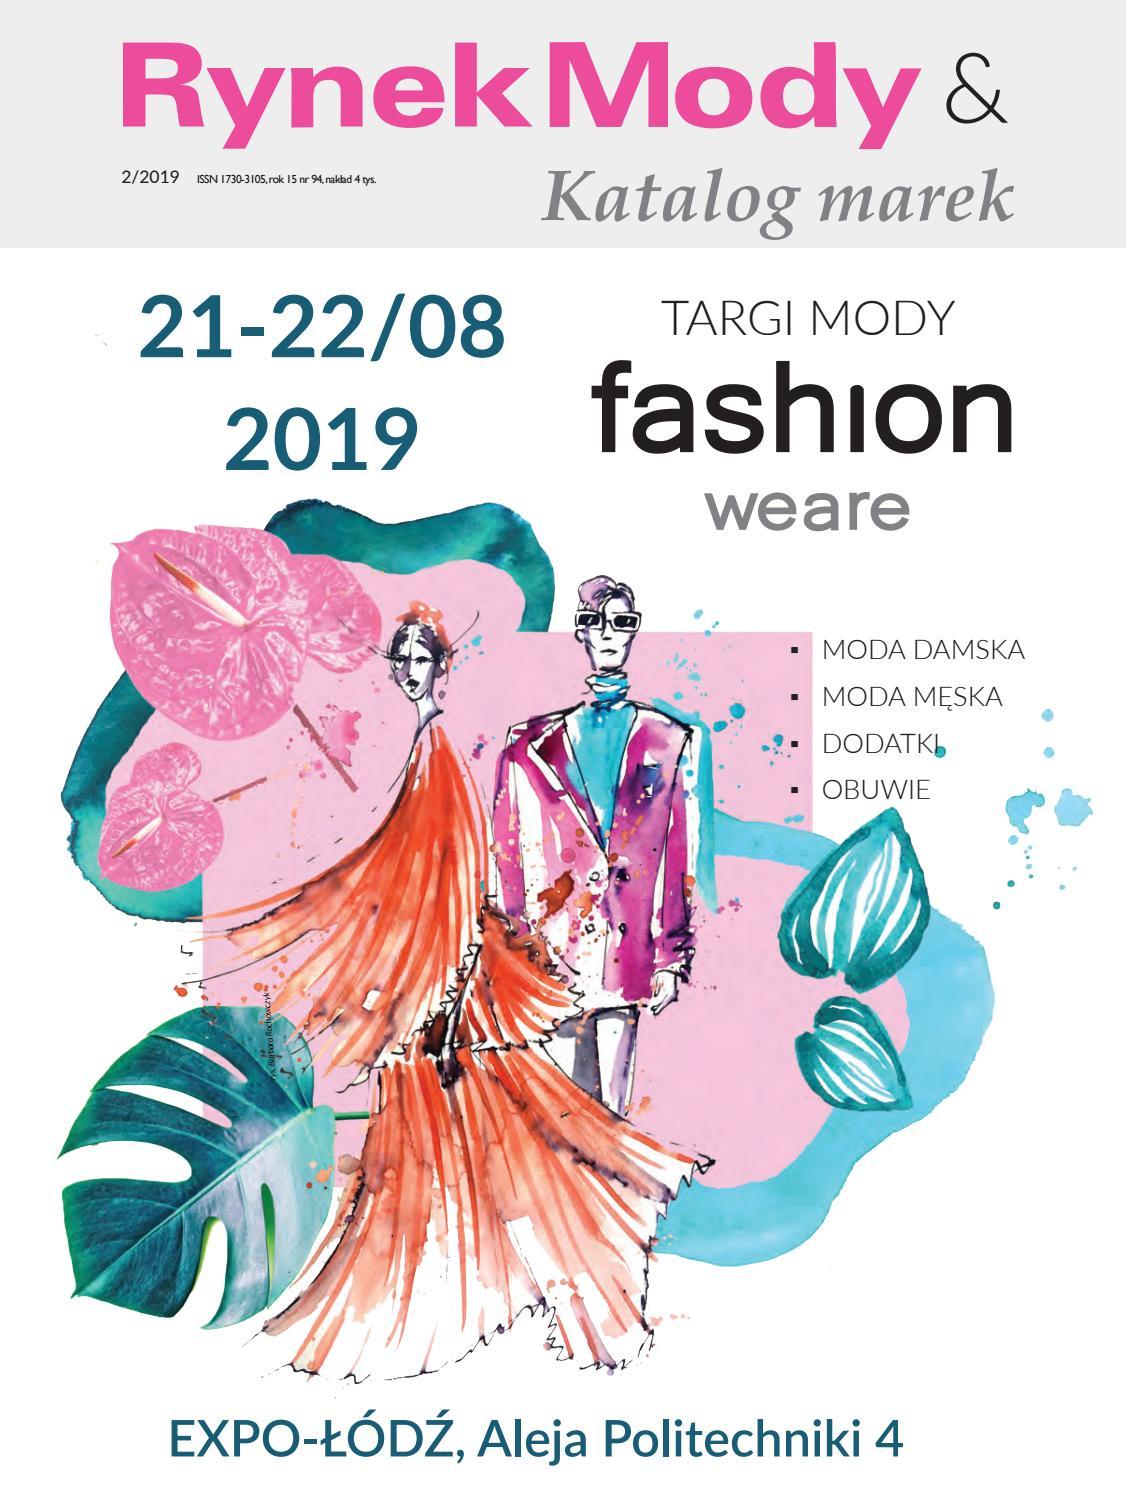 Targi Mody Fashionweare. Katalog marek &Rynek Mody 11 edycja